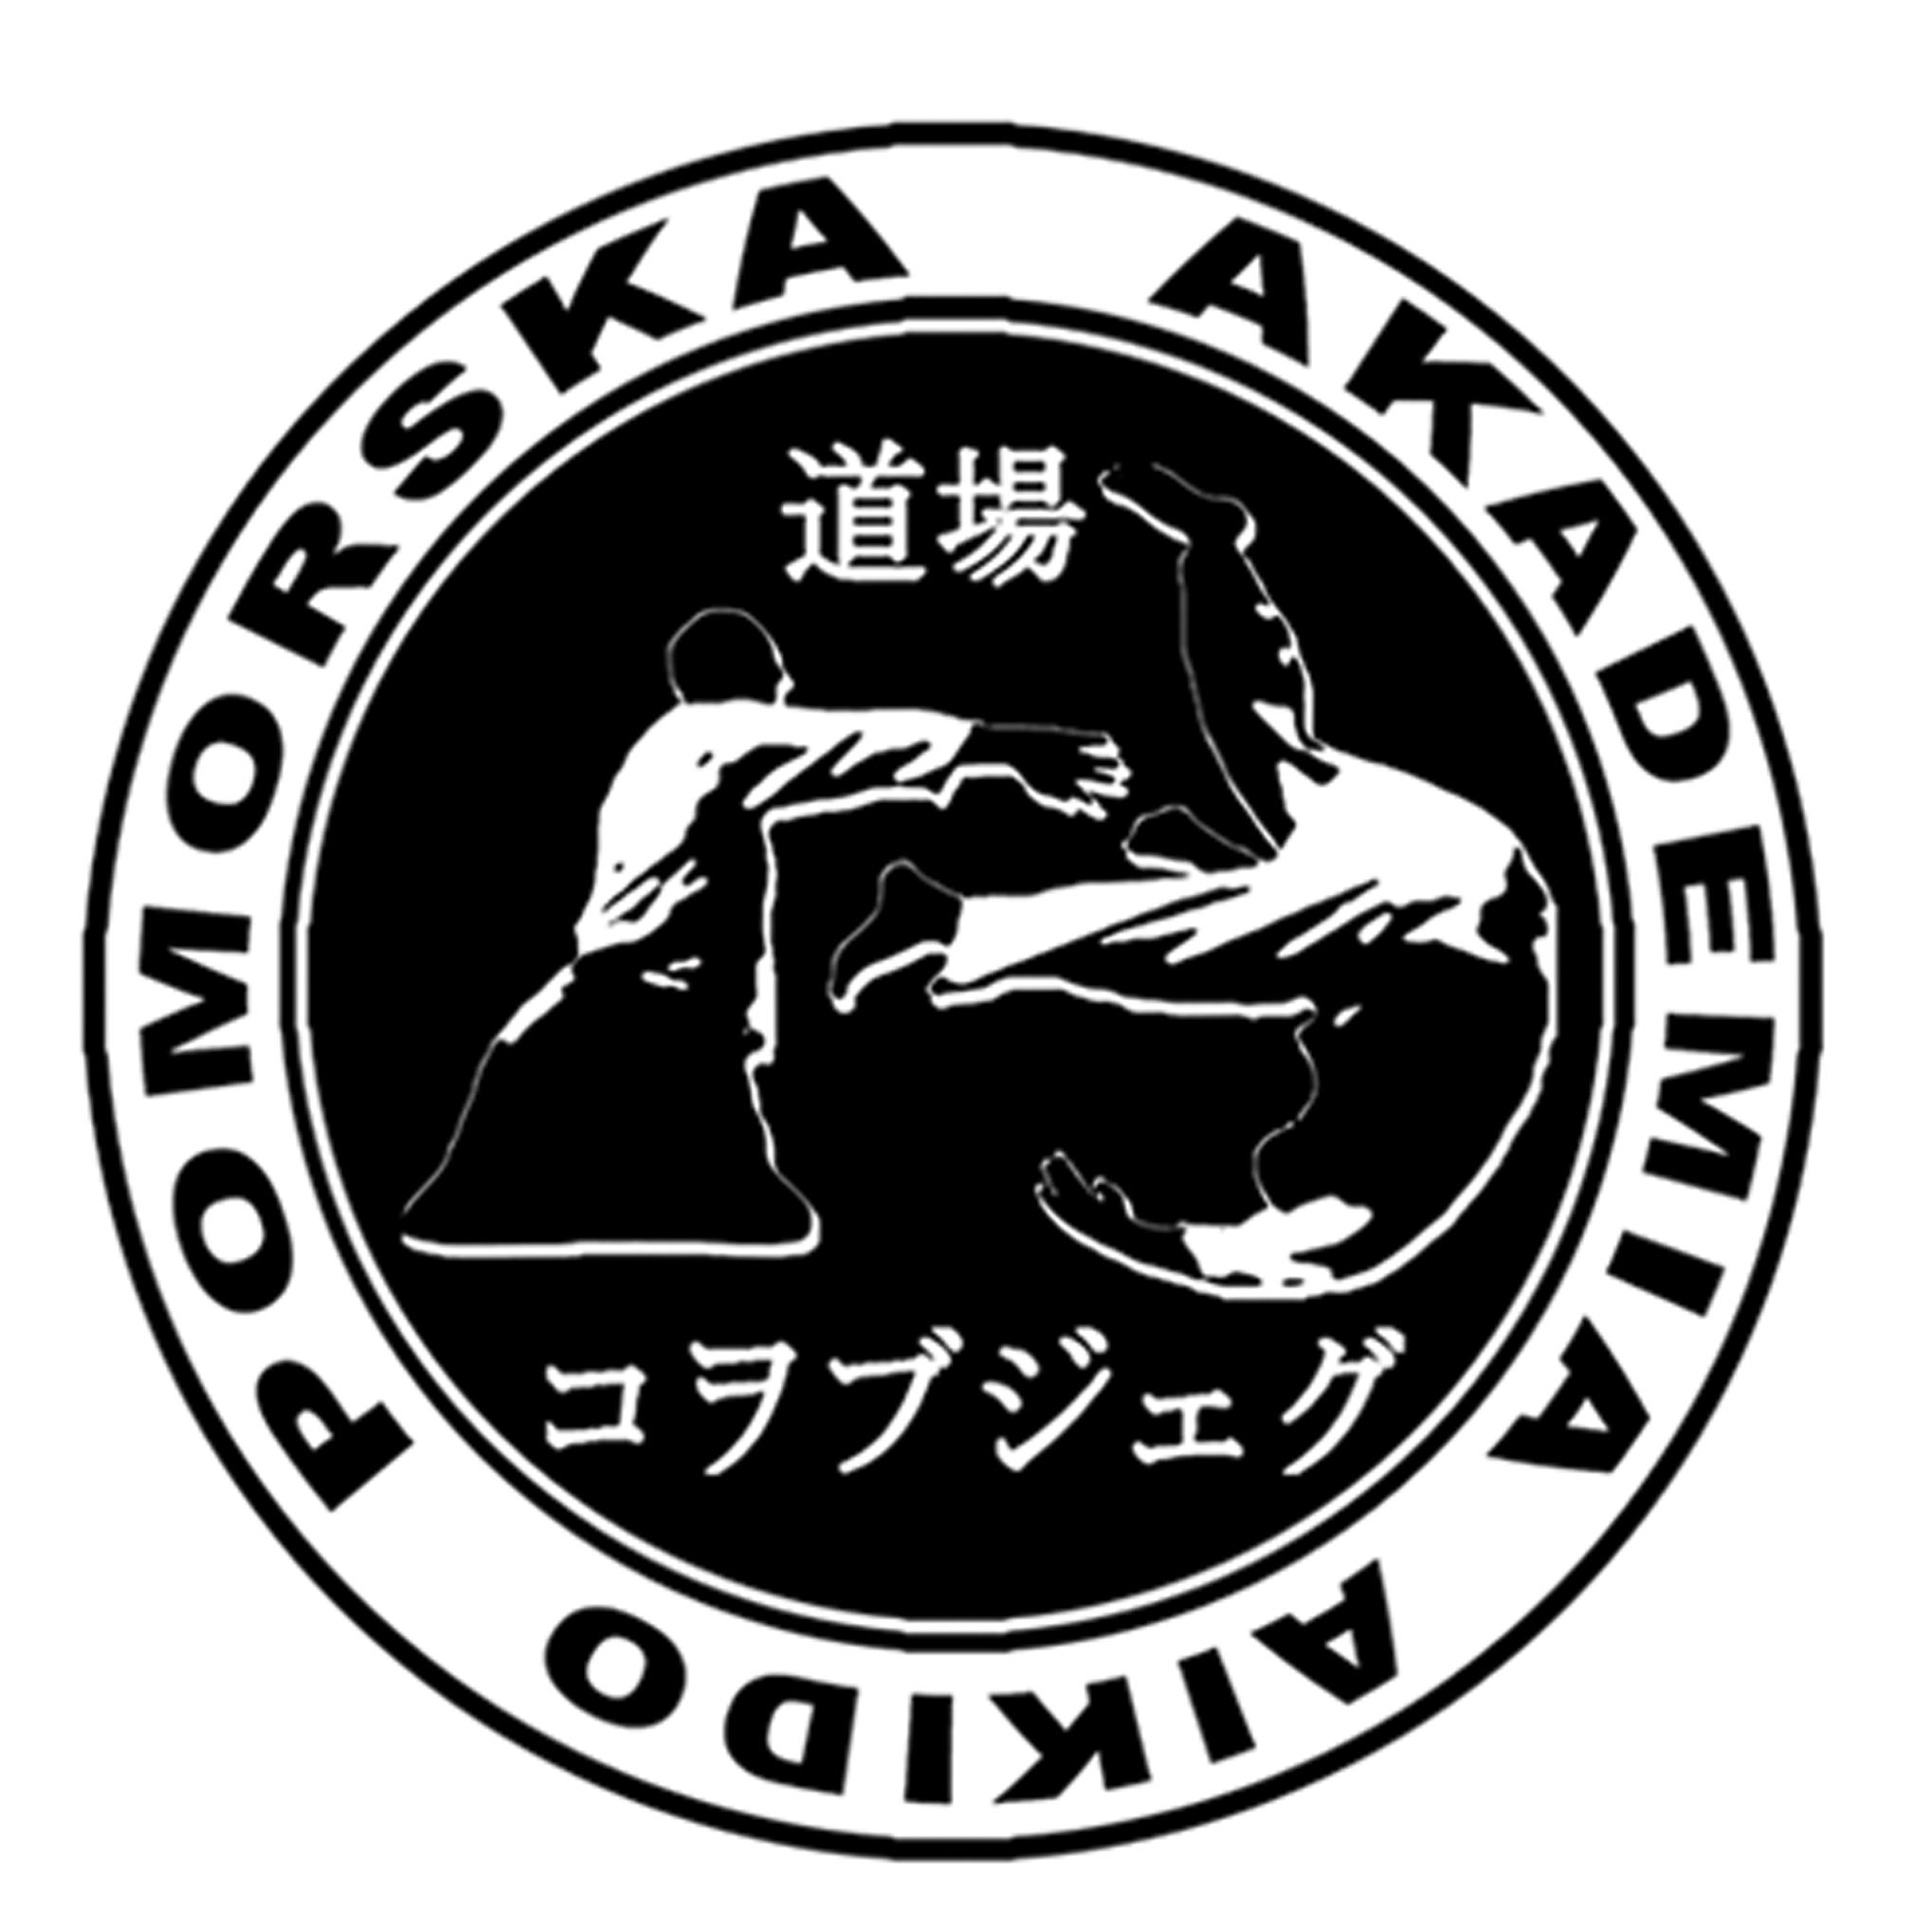 Pomorska Akademia Aikido Bartosz Ciechanowicz 4 Dan Aikido